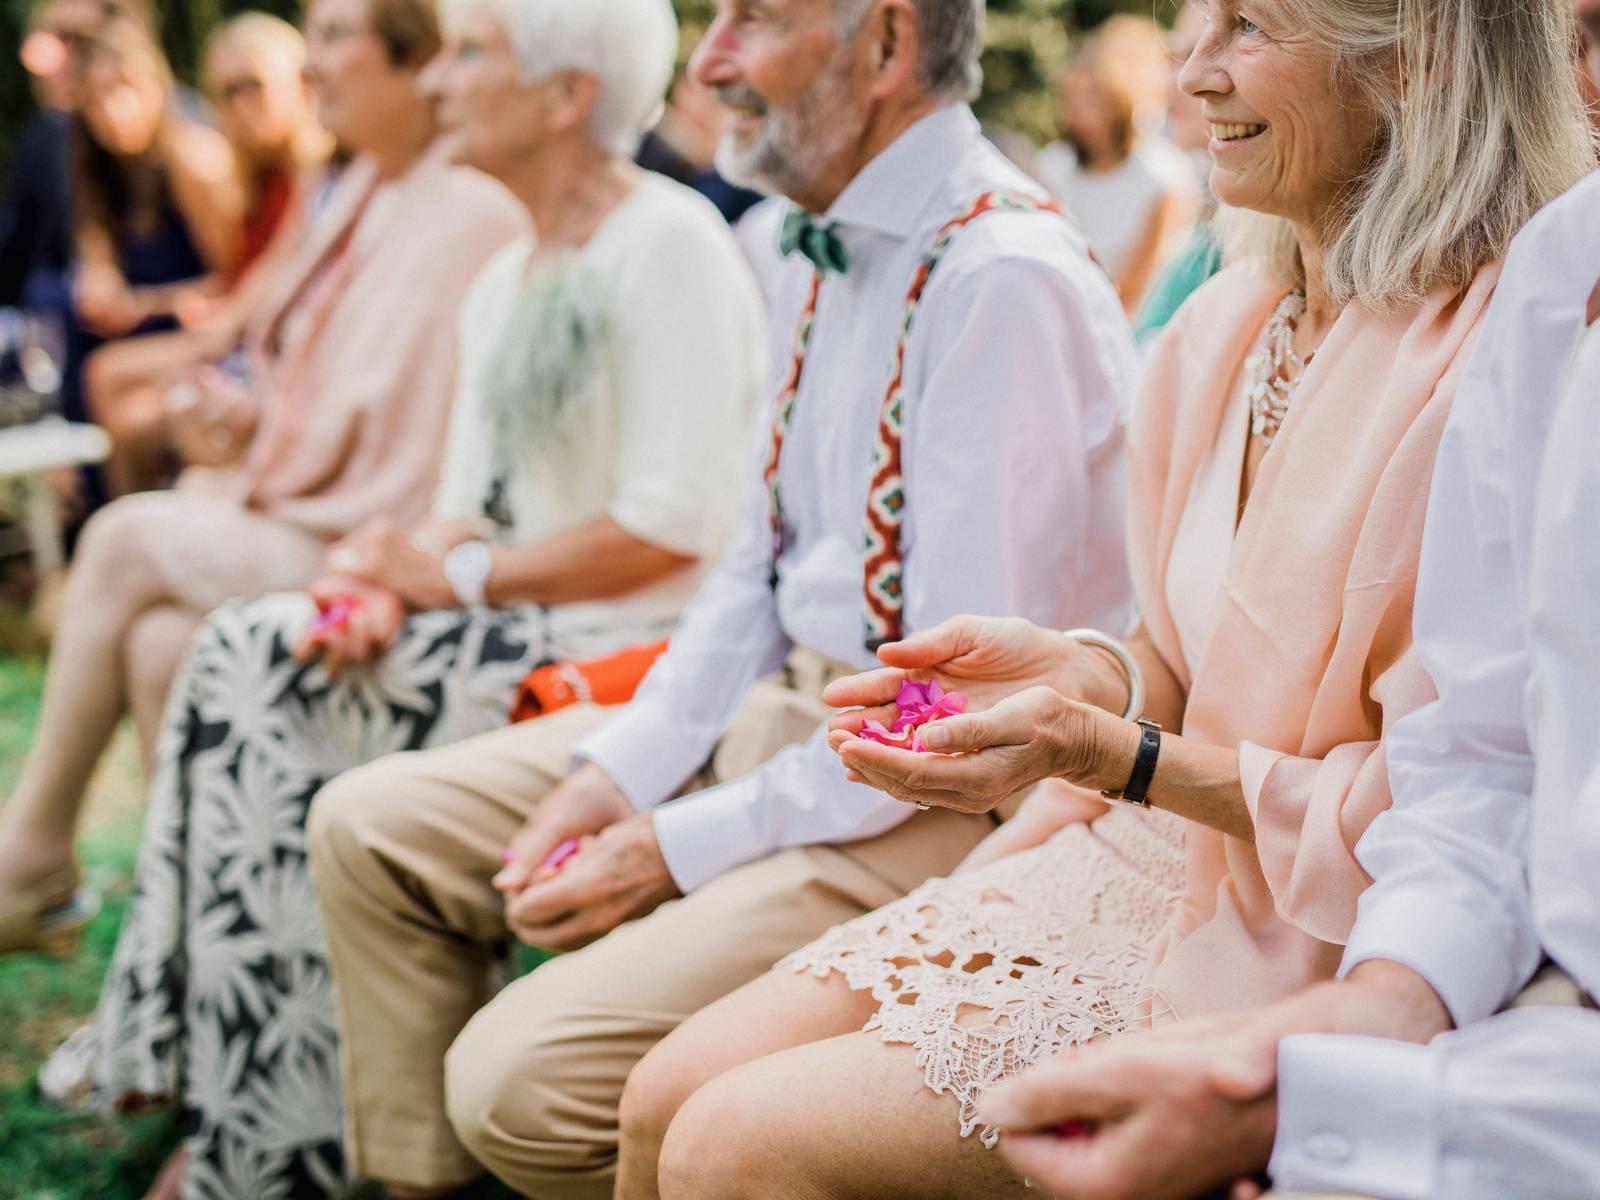 Merveil - Ceremoniespreker - Fine Art Wedding Photographer Elisabeth Van Lent - Antwerpen Bruiloft - House of Weddings - 14